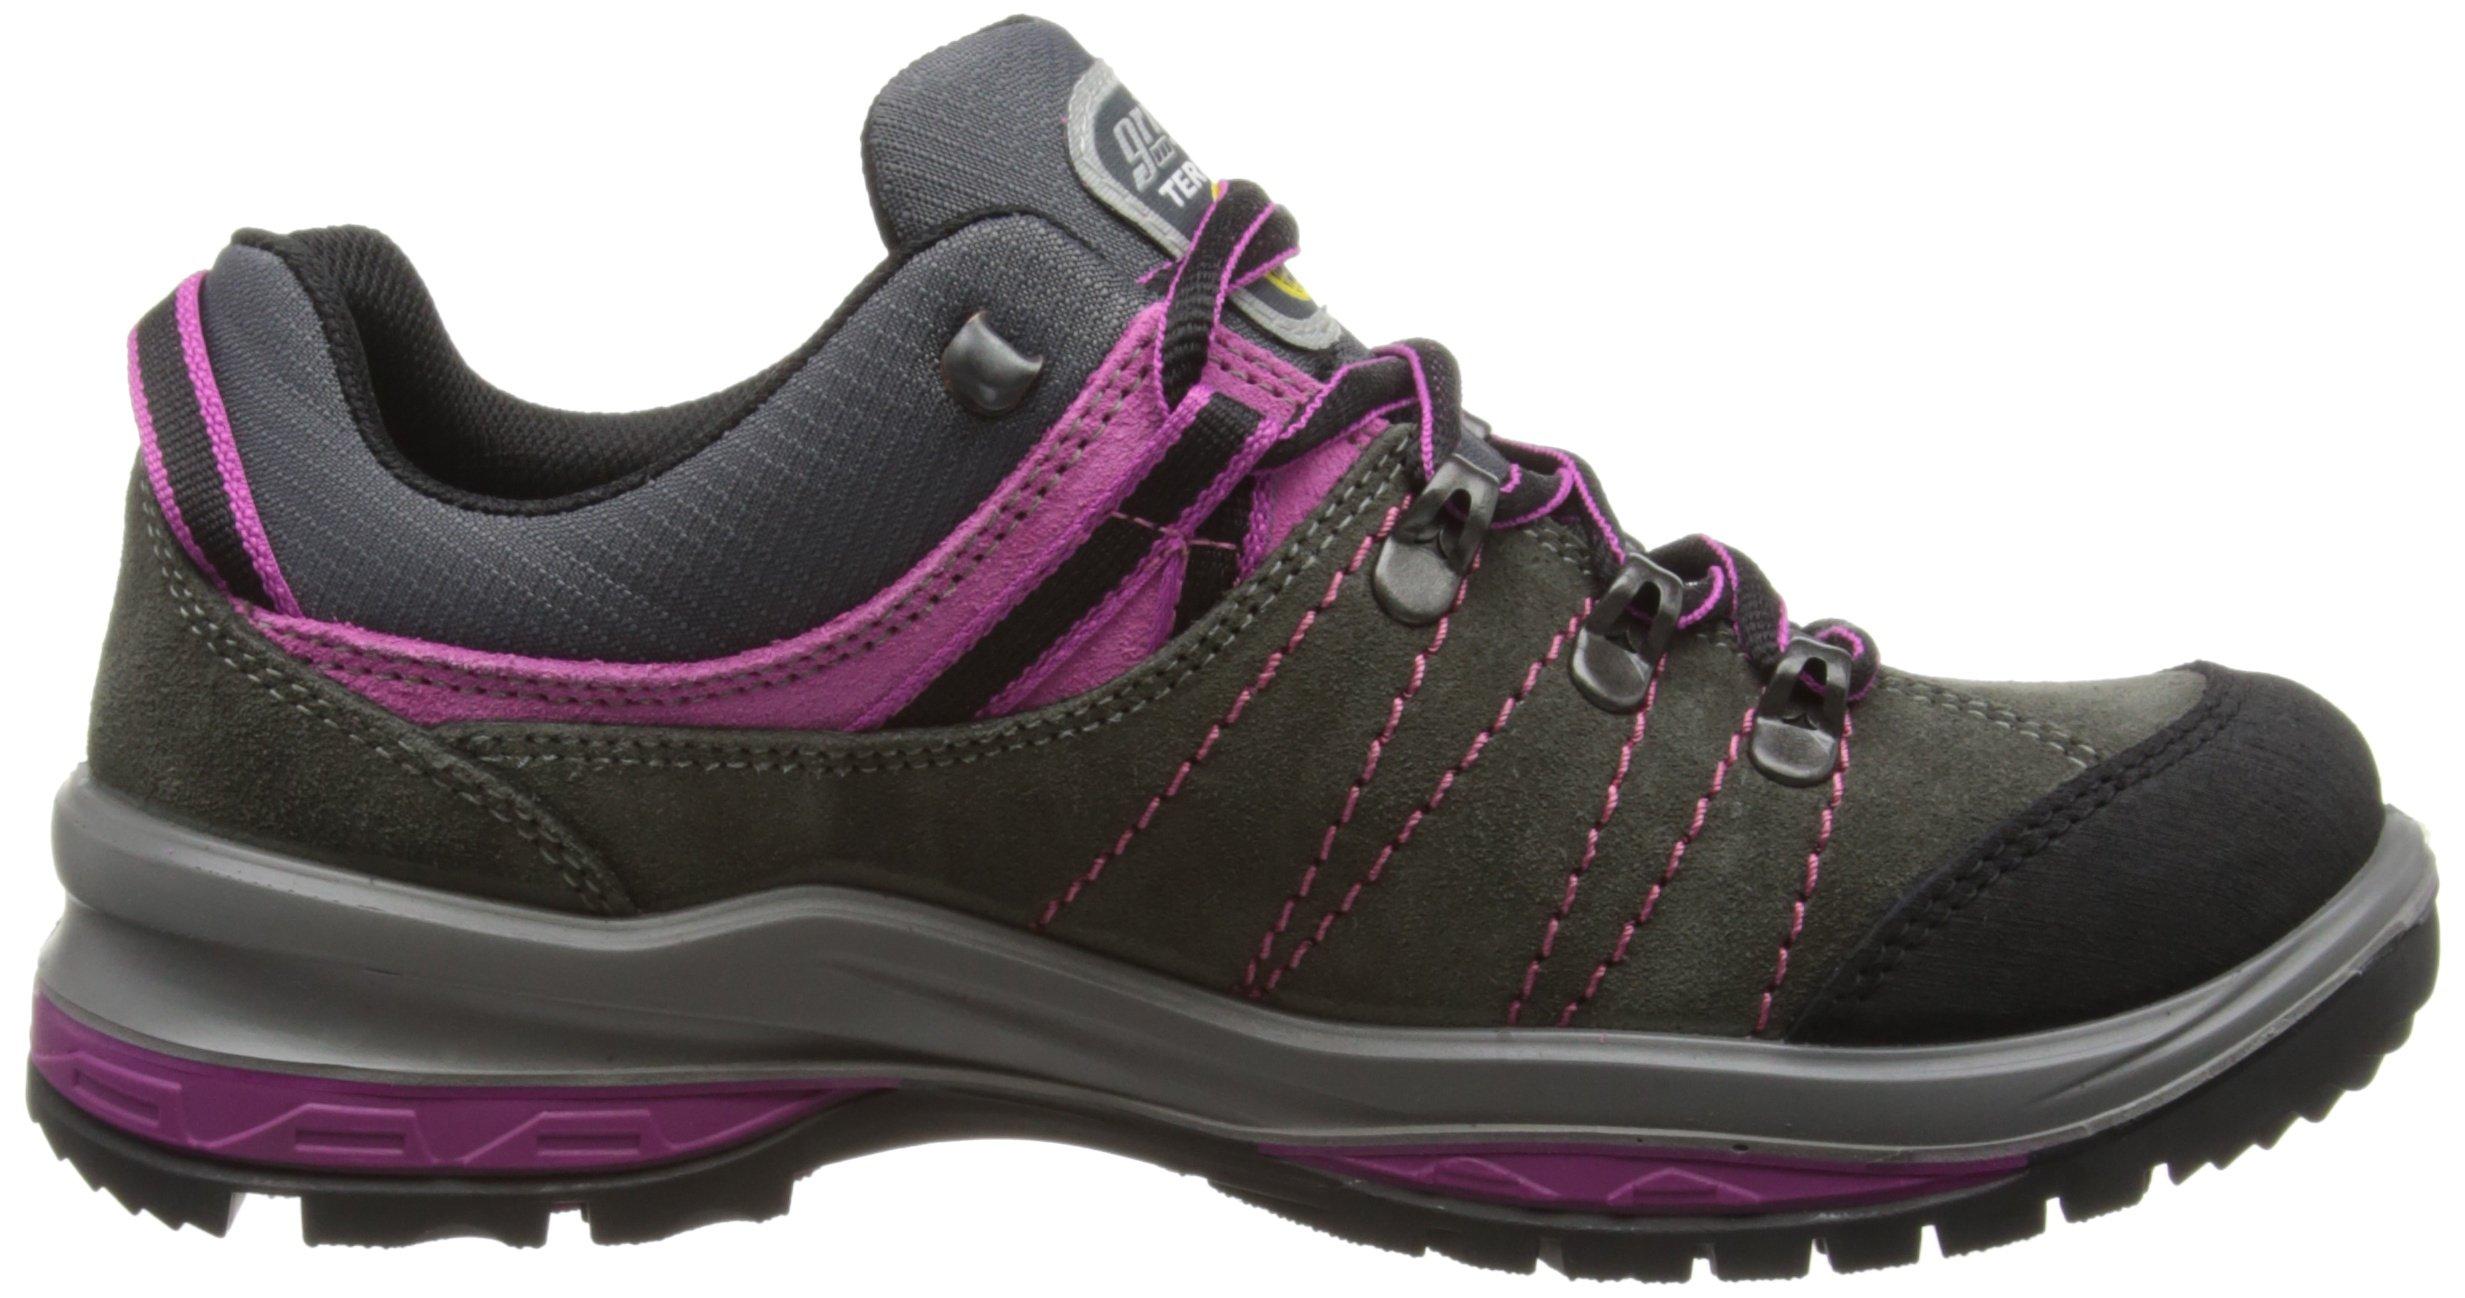 812qAuSToBL - Grisport Womens Magma-Lo Hiking Shoes